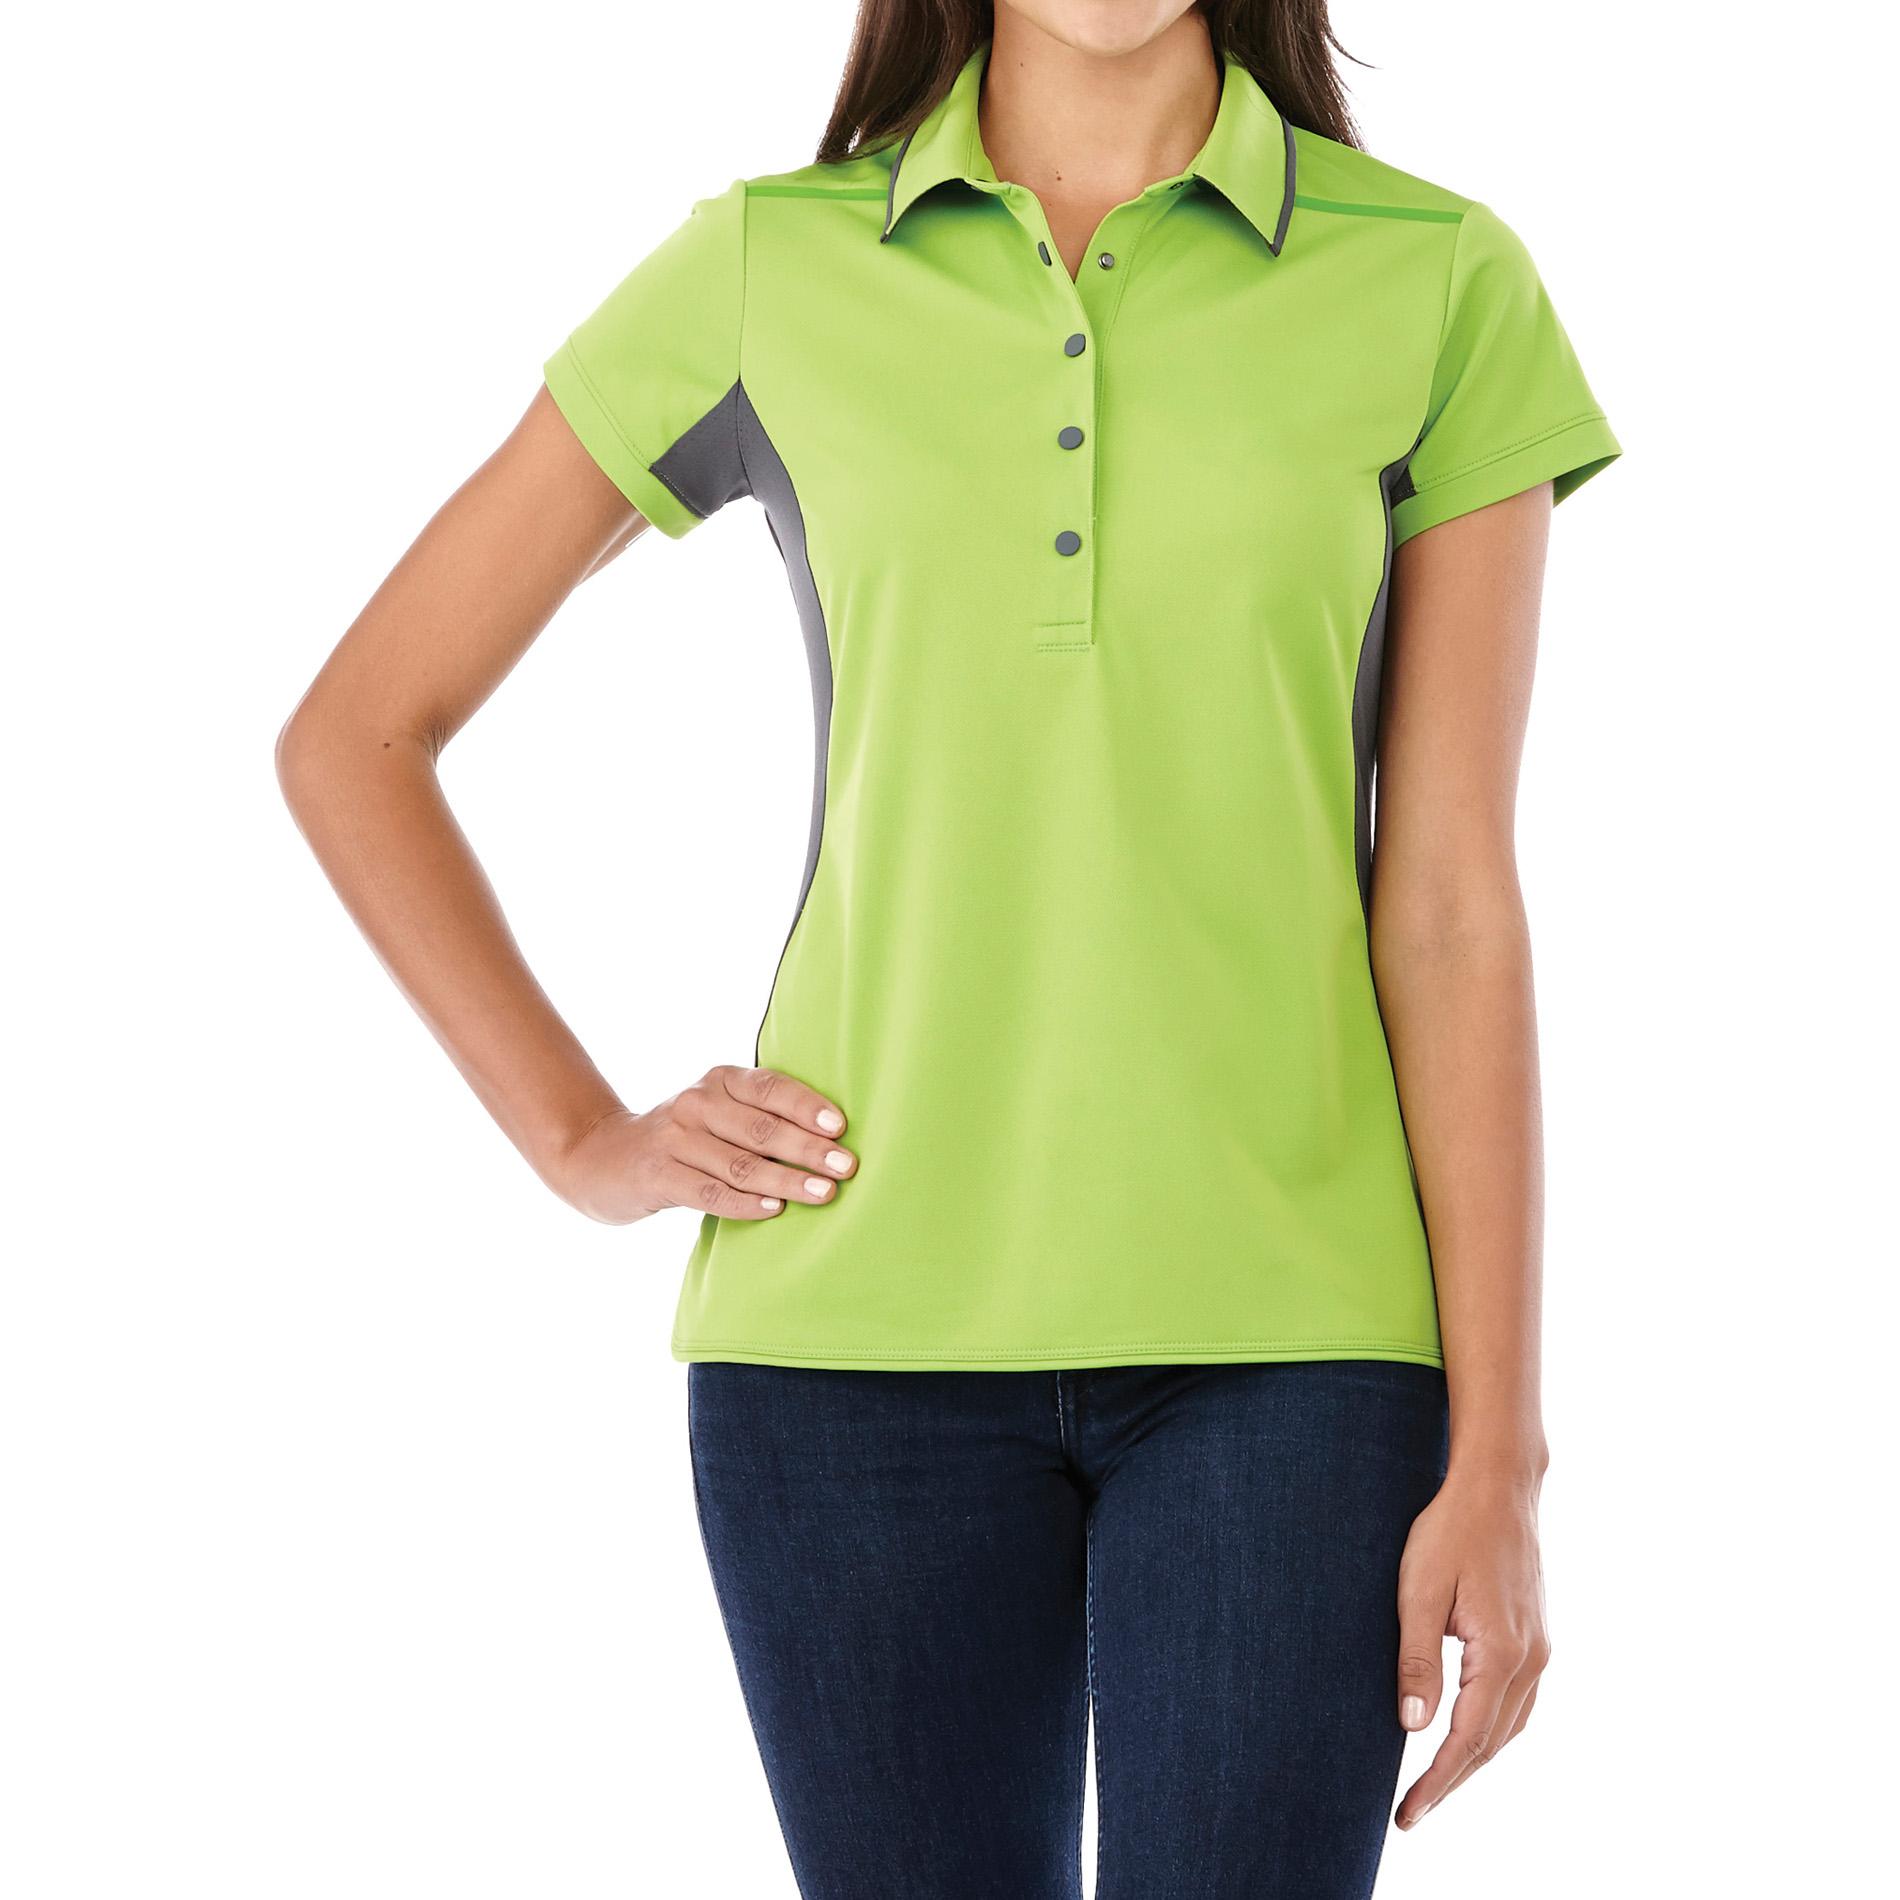 84dba439 Elevate TM96704 - Women's ROYCE Short Sleeve Polo $37.15 - Women's ...